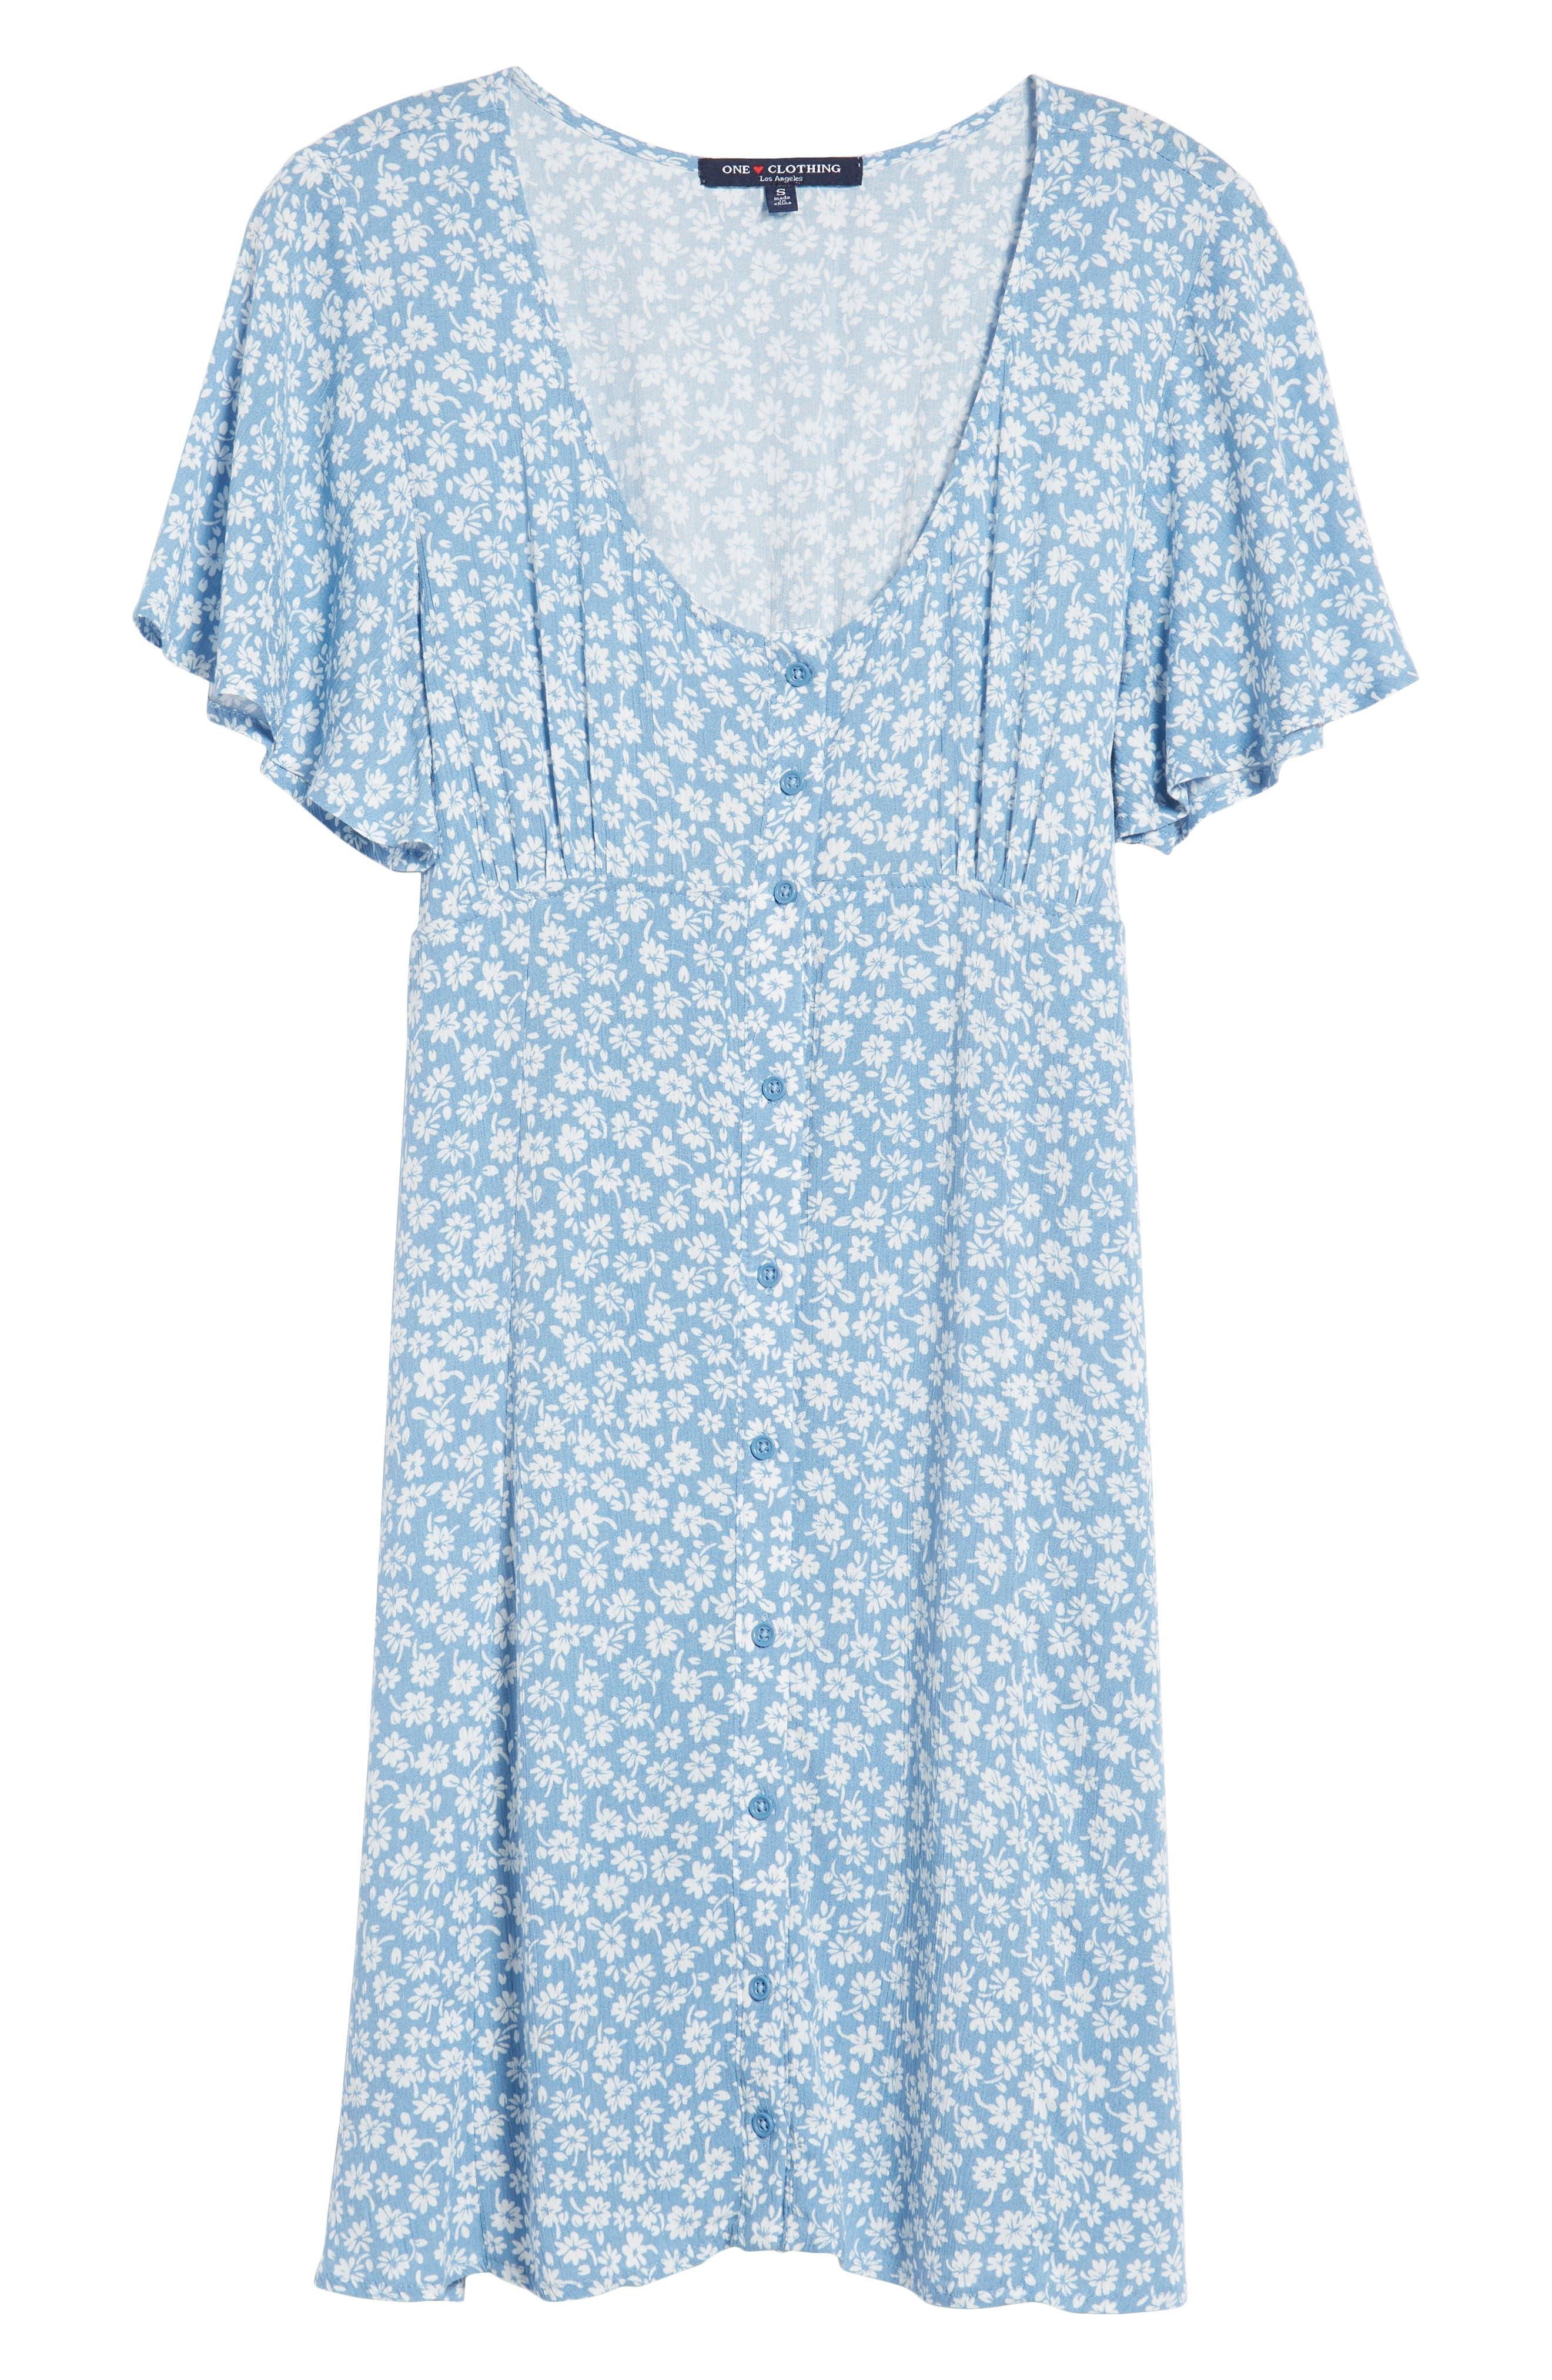 Floral Button Front Dress,                             Alternate thumbnail 7, color,                             485